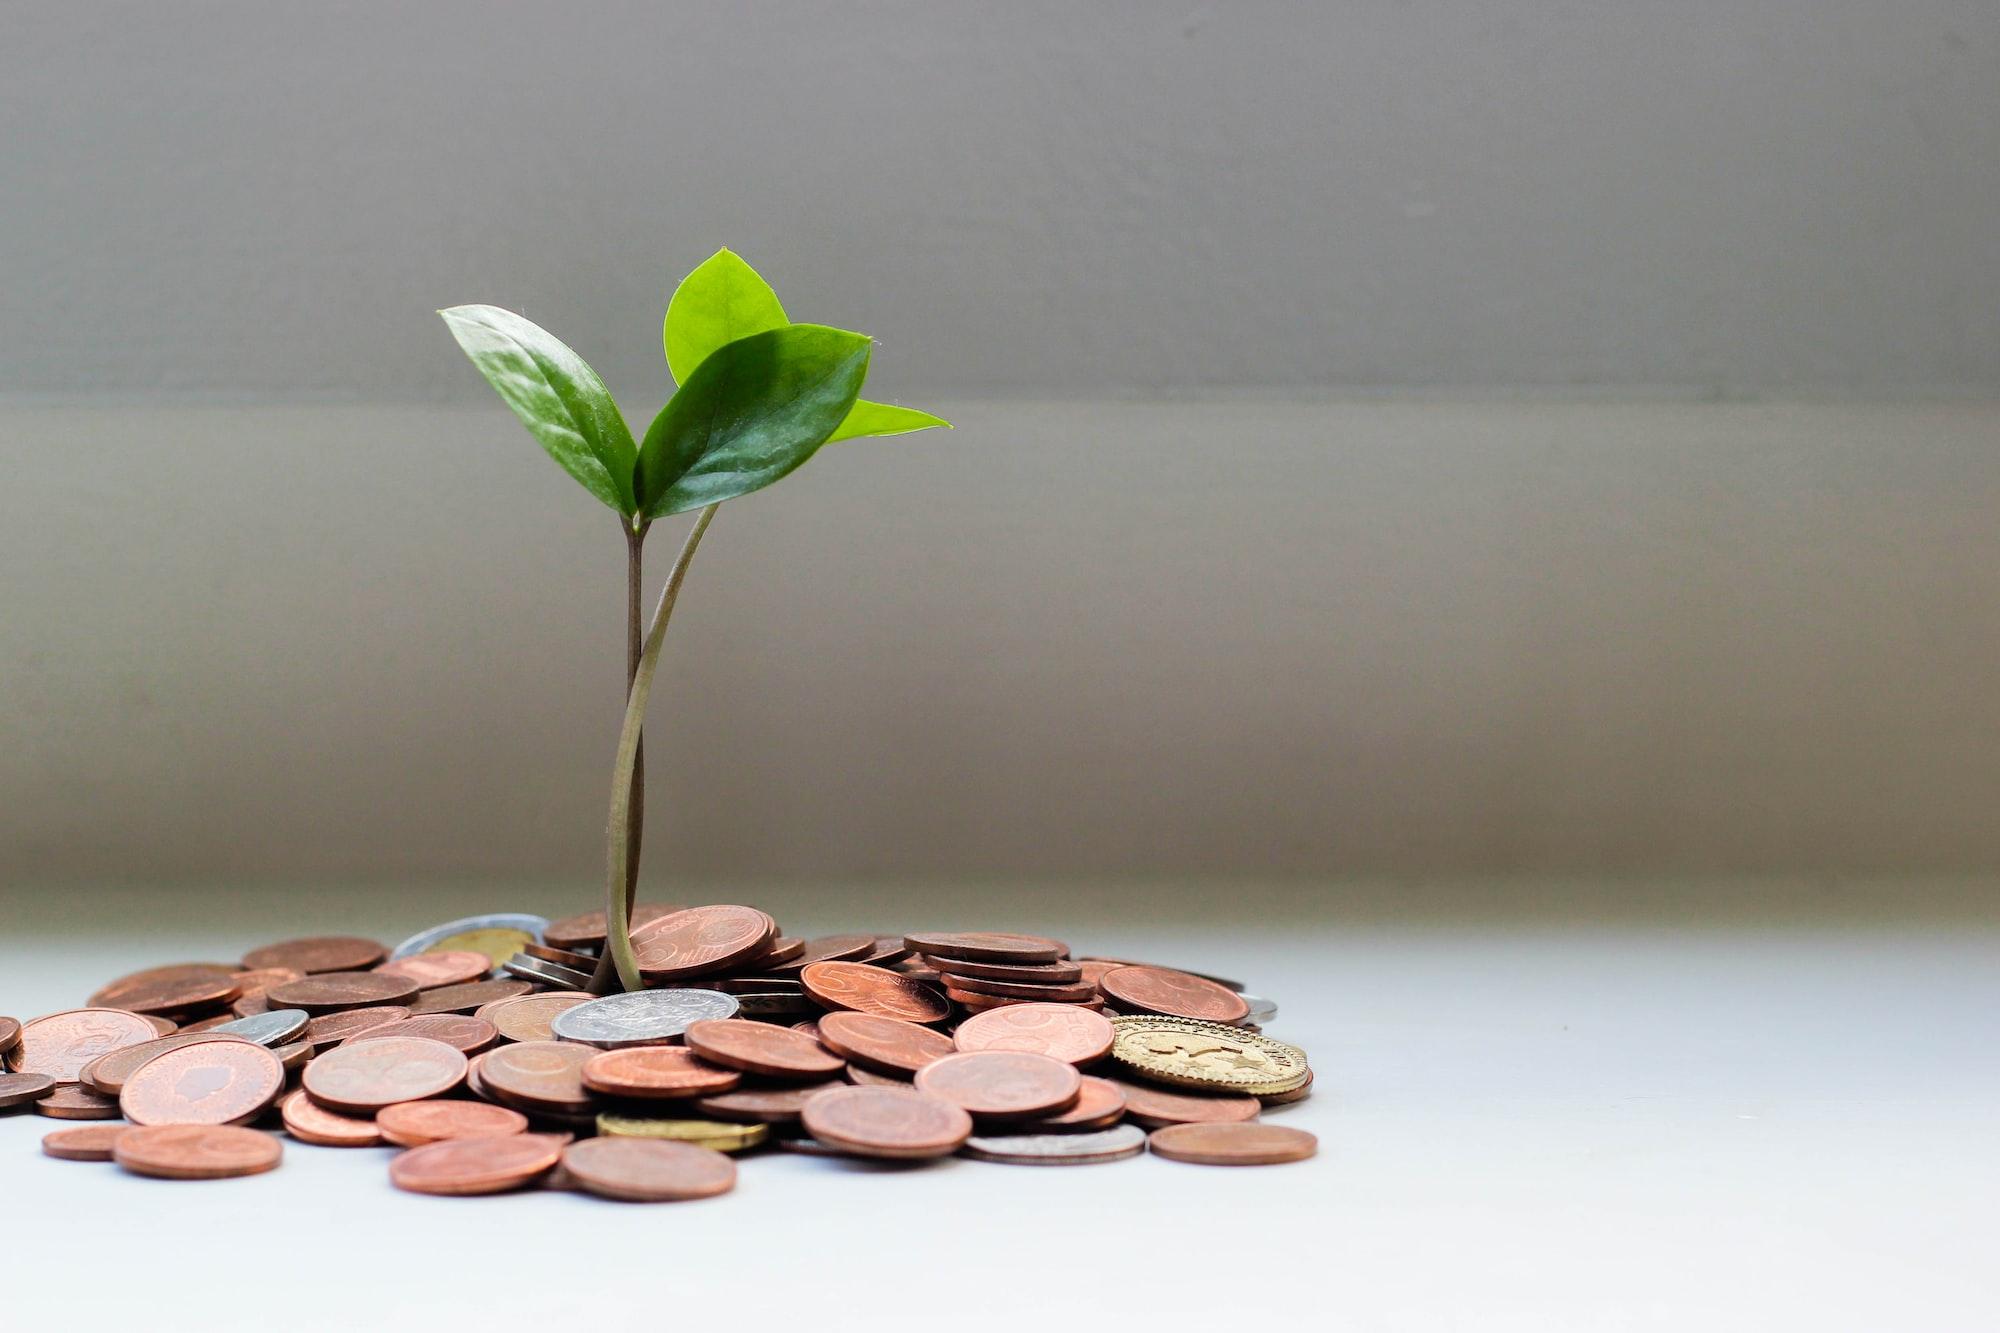 省房贷利息,获额外退税,加拿大财富必修课教你理财新思路